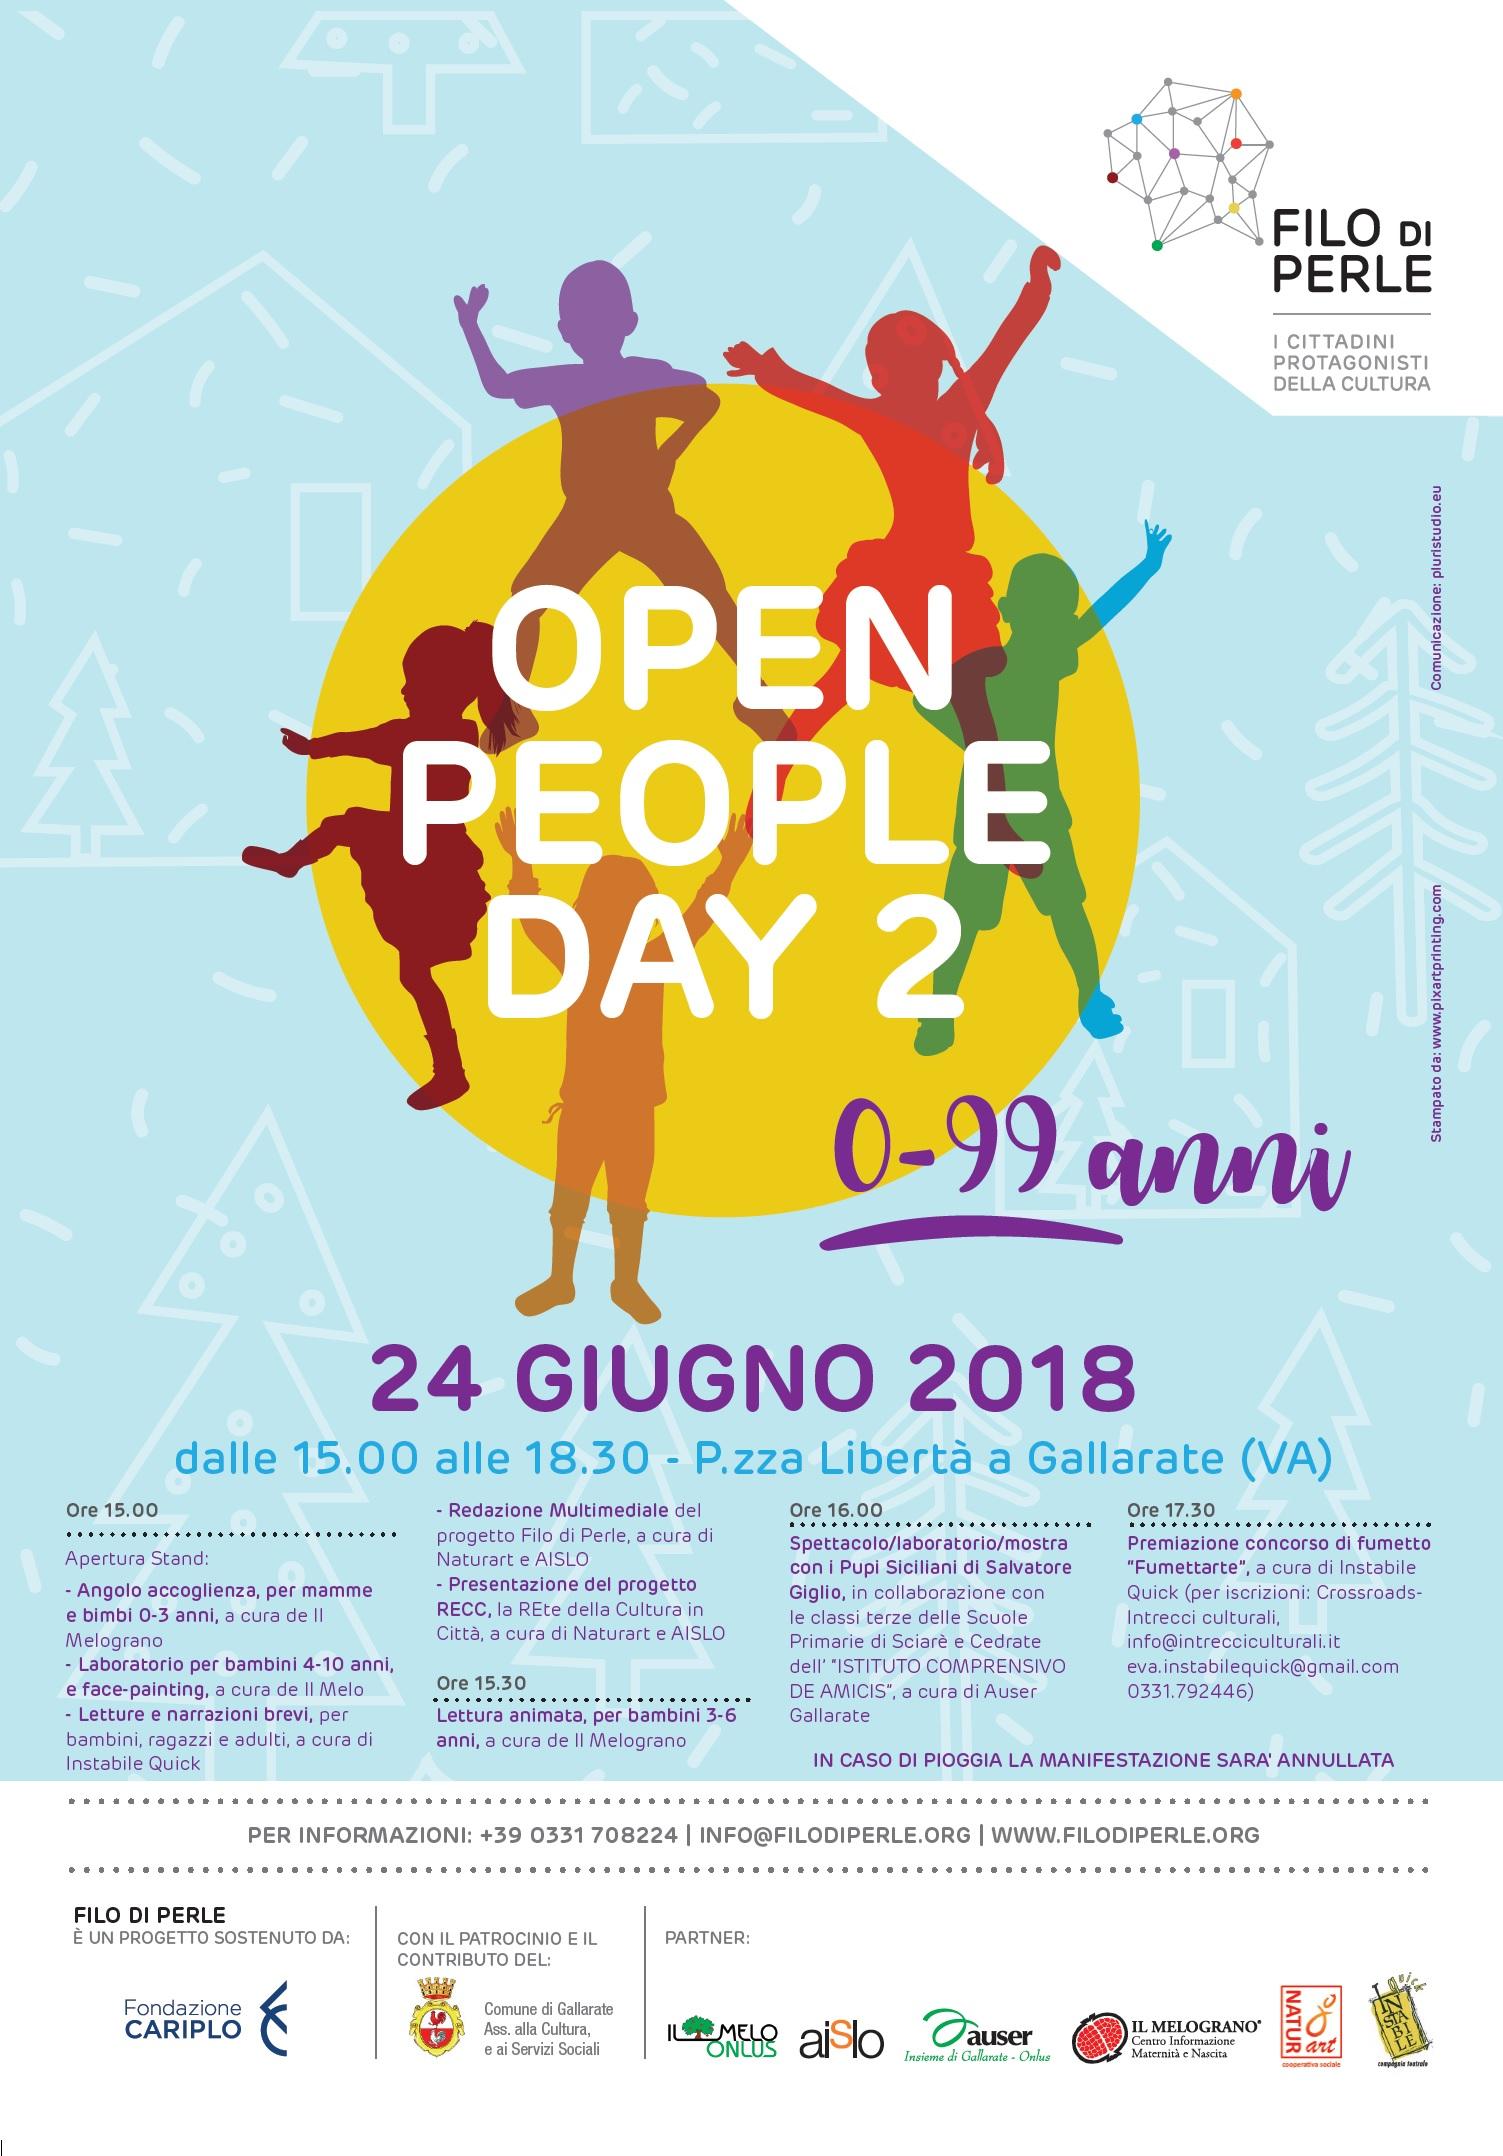 FILO DI PERLE - OPEN PEOPLE DAY 2 - 24 GIUGNO 2018